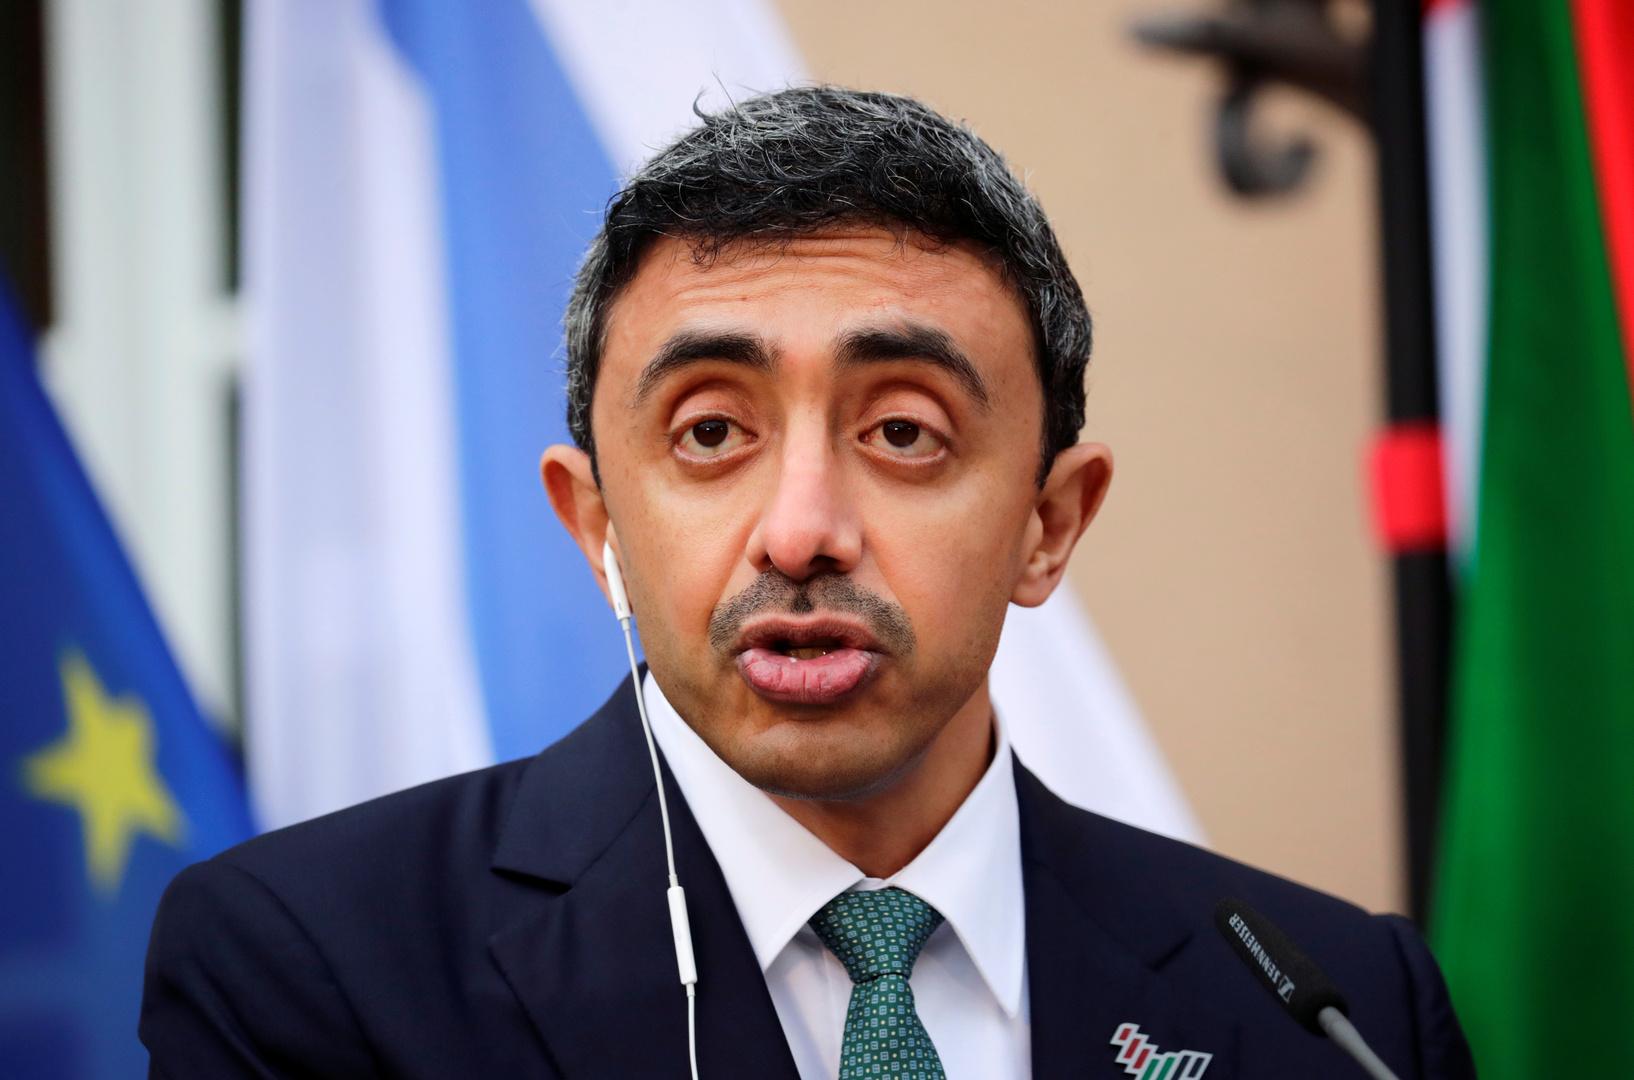 عبد الله بن زايد يستقبل وزير خارجية قبرص